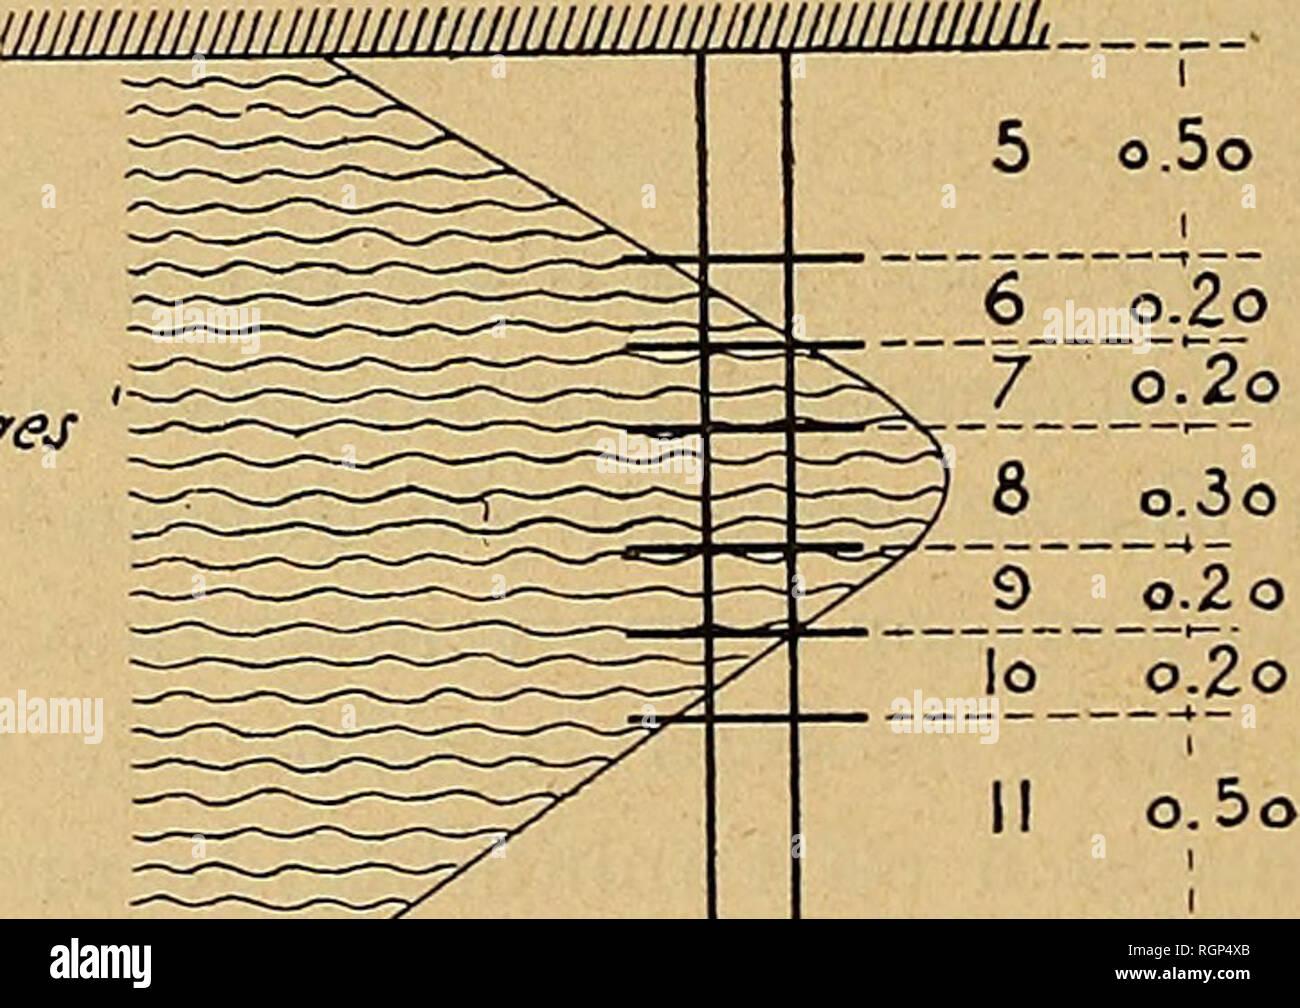 . Bulletin de la Société géologique de France. Geology. 176 L. lOLEAUD Â« aî'Cfile rouge » : dans les zones 5 et 6 la séparation du phos- phate et de l'argile n'est pas toujours nette, par suite de la péné- tration irrégulière de la roche rouge dans le phosphate ; cepen- I 1 o.5o phosphâfeâ; o.5o âV-phosphdte o.5o â1-- o.5o figure 1 dant la base de la zone 6 marque déjà une tendance à passer au faciès dit argileux ; les zones 7, 9 et 10 forment par contre une transition nette de part et d'autre de la formation rouge ; la zone 8 présente franchement les caractères de 1' Â« argile Stock Photo